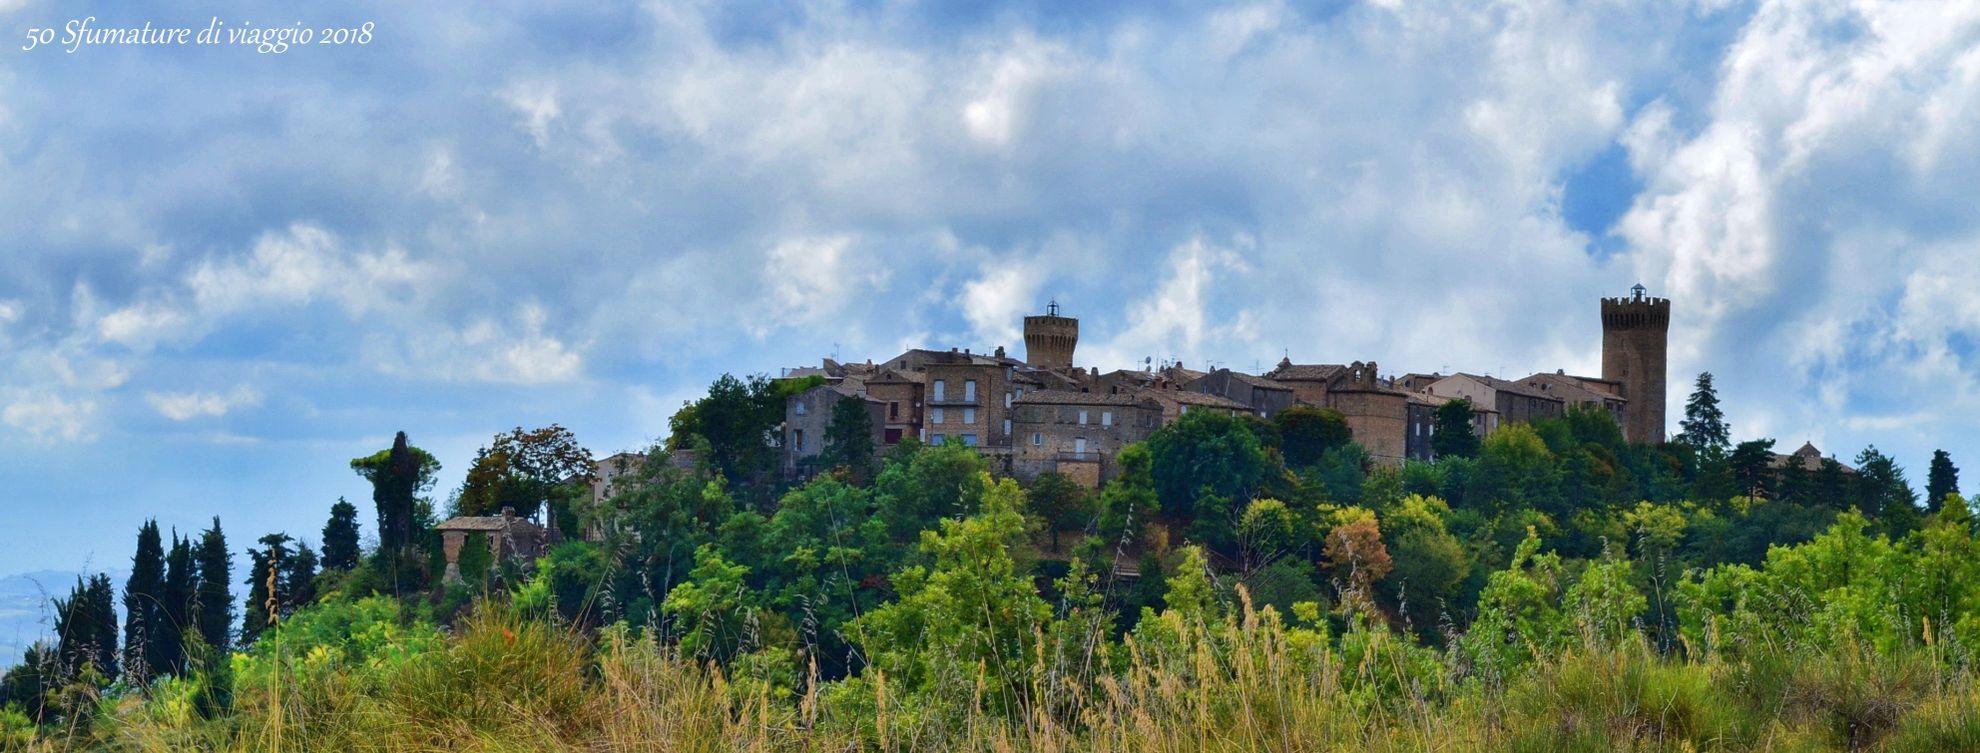 moresco, il castello, marche, vista del borgo